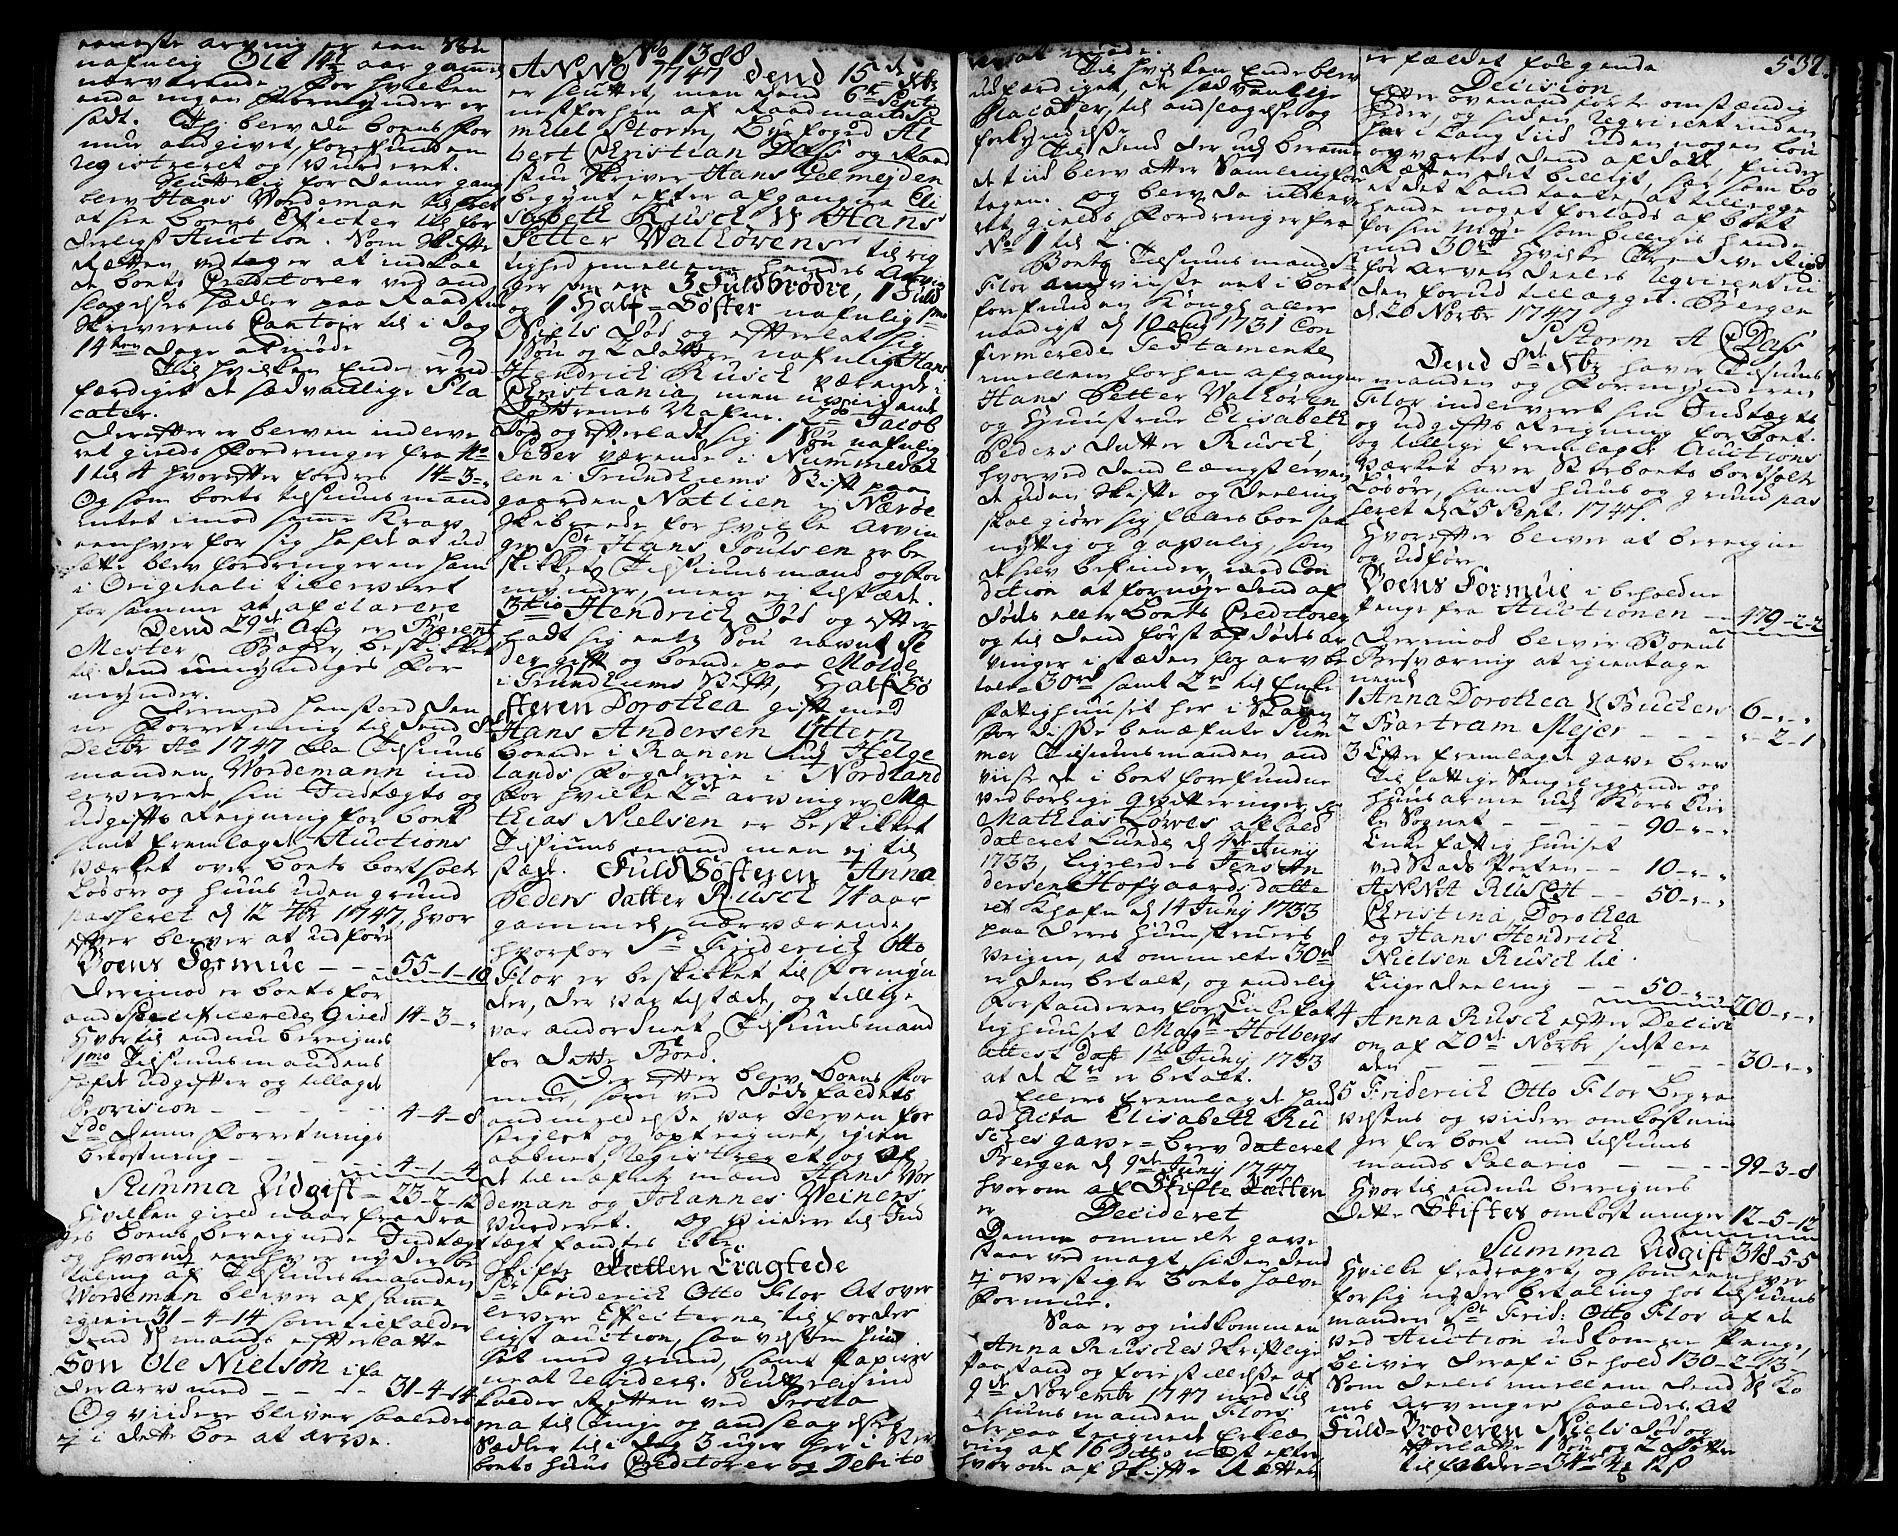 SAB, Byfogd og Byskriver i Bergen, 06/06C/L0003b: Skifteprotokoller, 1737-1748, s. 531b-532a